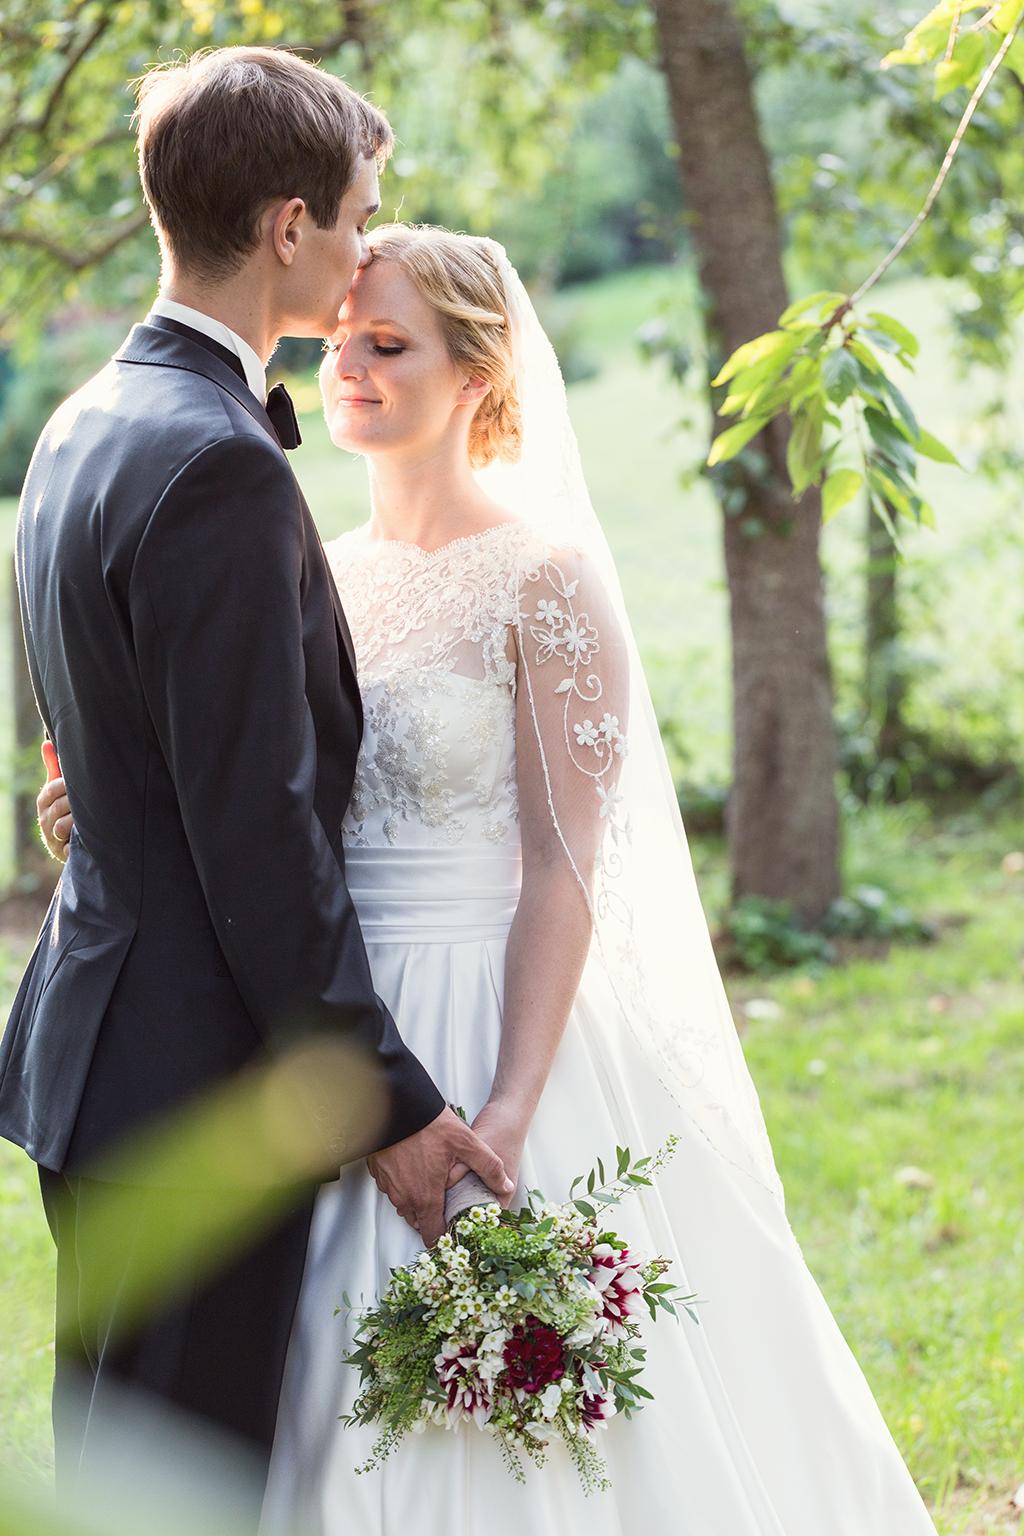 Hochzeit Brakel Paderborn Hochzeitsfotograf Fotograf Fotografin Garten Hochzeitsfotos - Diana Jill Fotografie